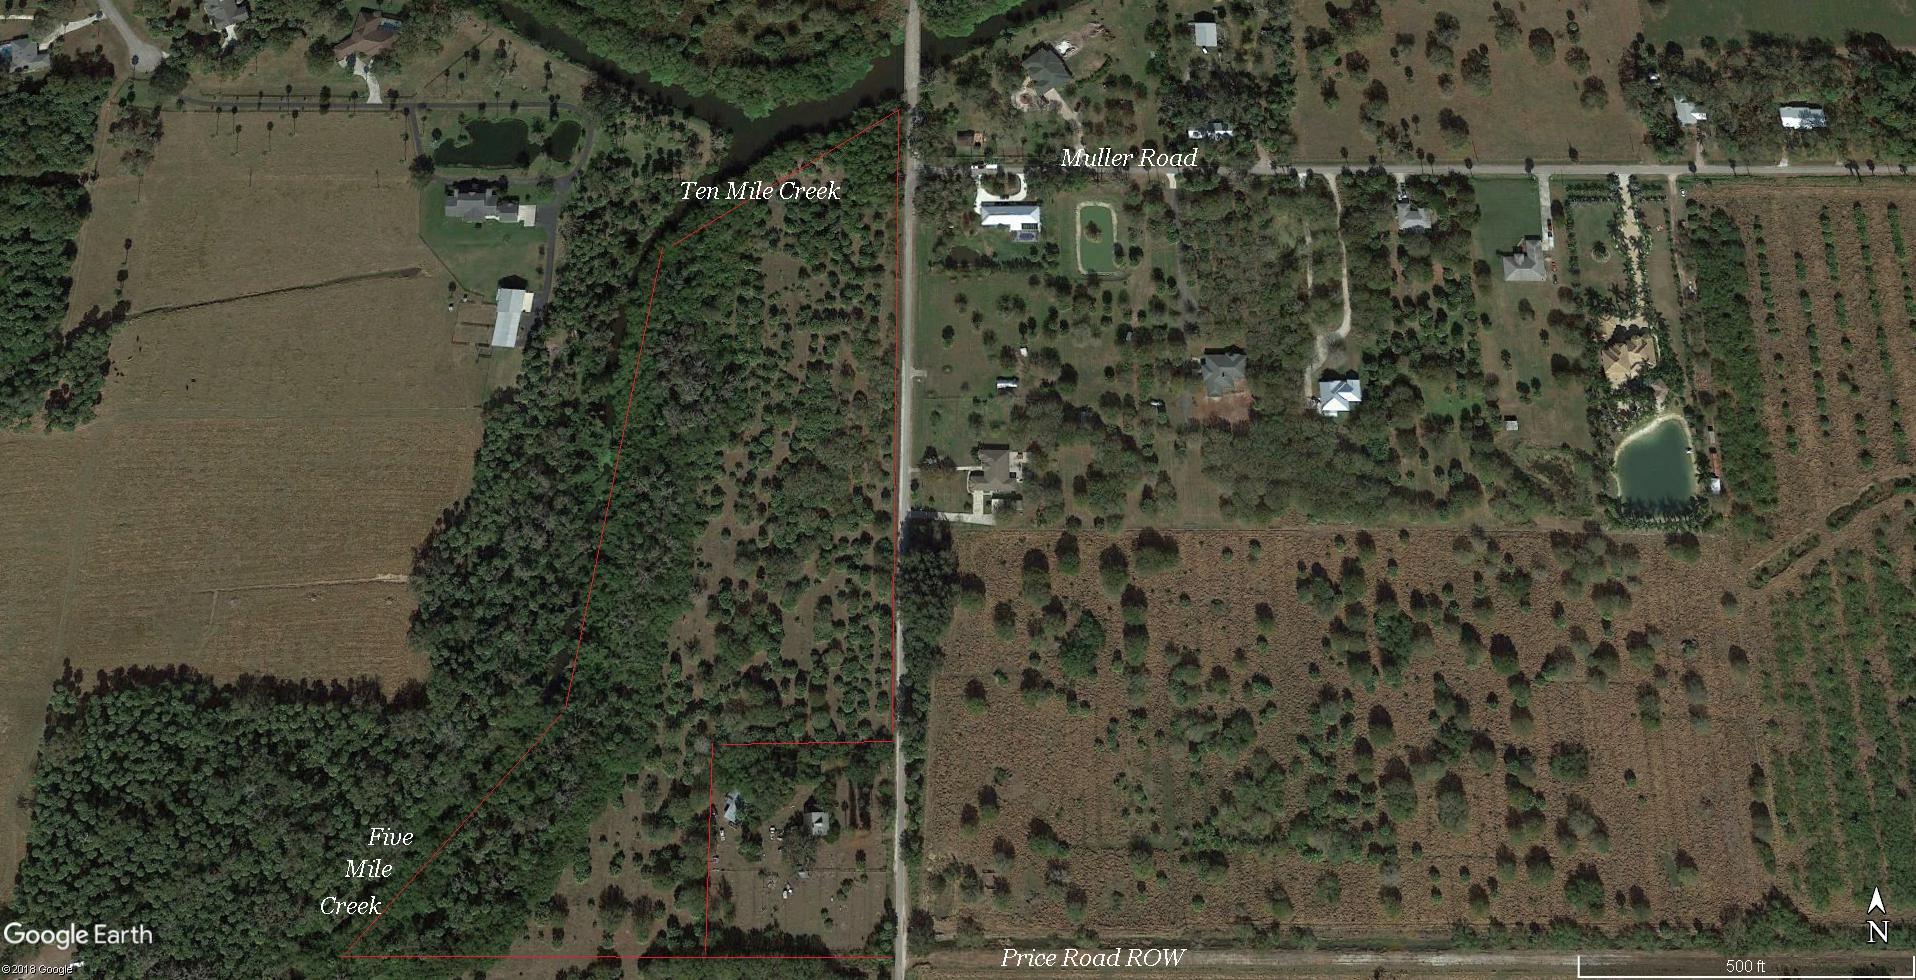 Freeman_3950_Eleven Mile Road_14 acres